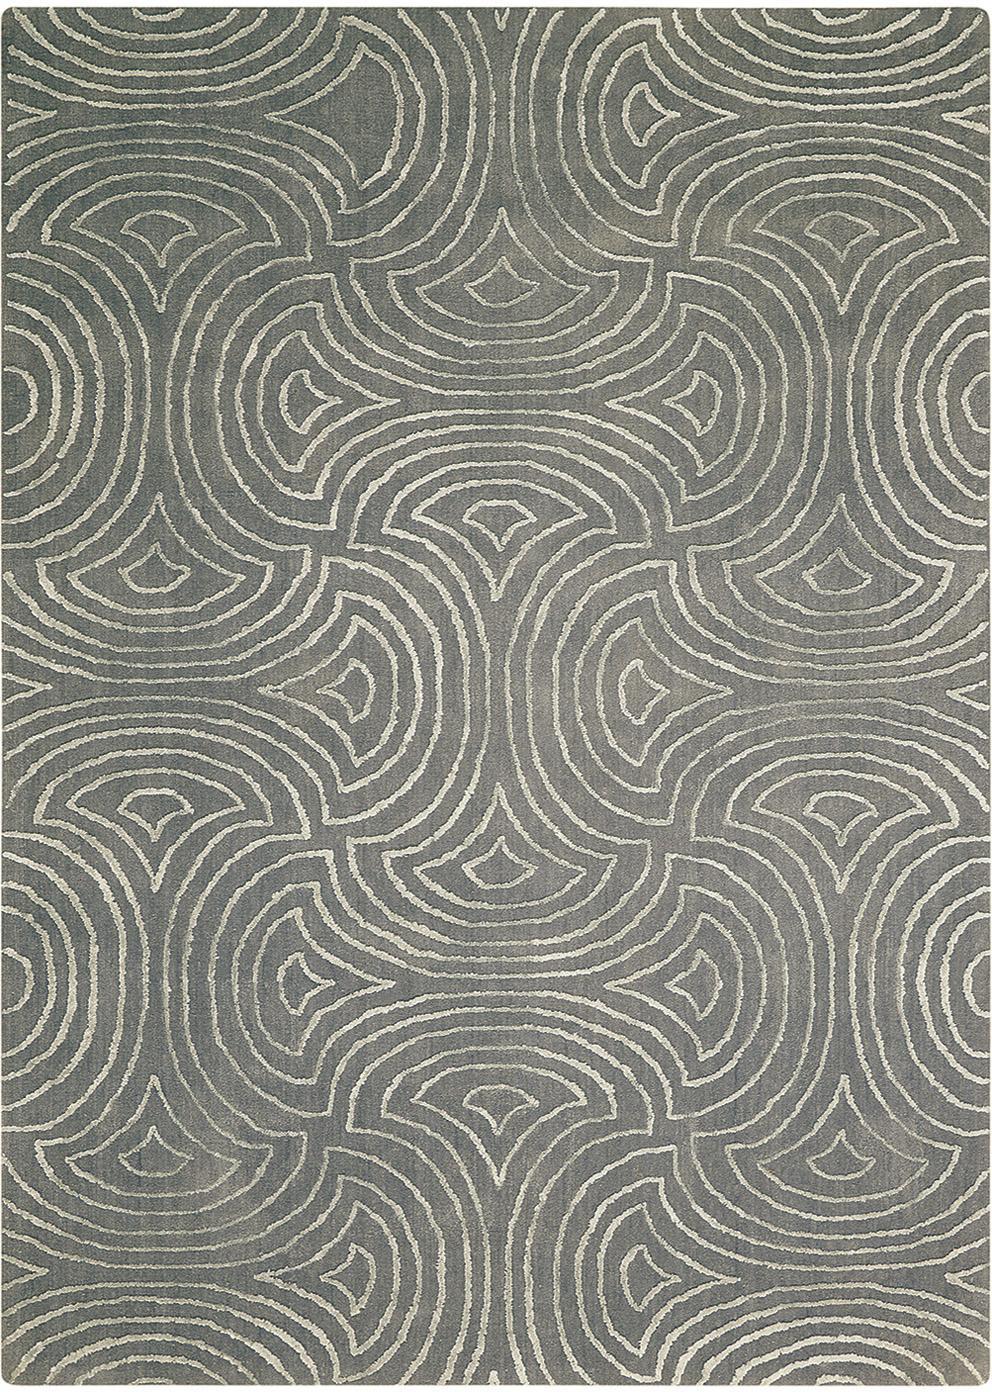 Ręcznie tuftowany dywan z wypukłym wzorem Vita Illusion, Zielony mchowy, S 150 x D 215 cm